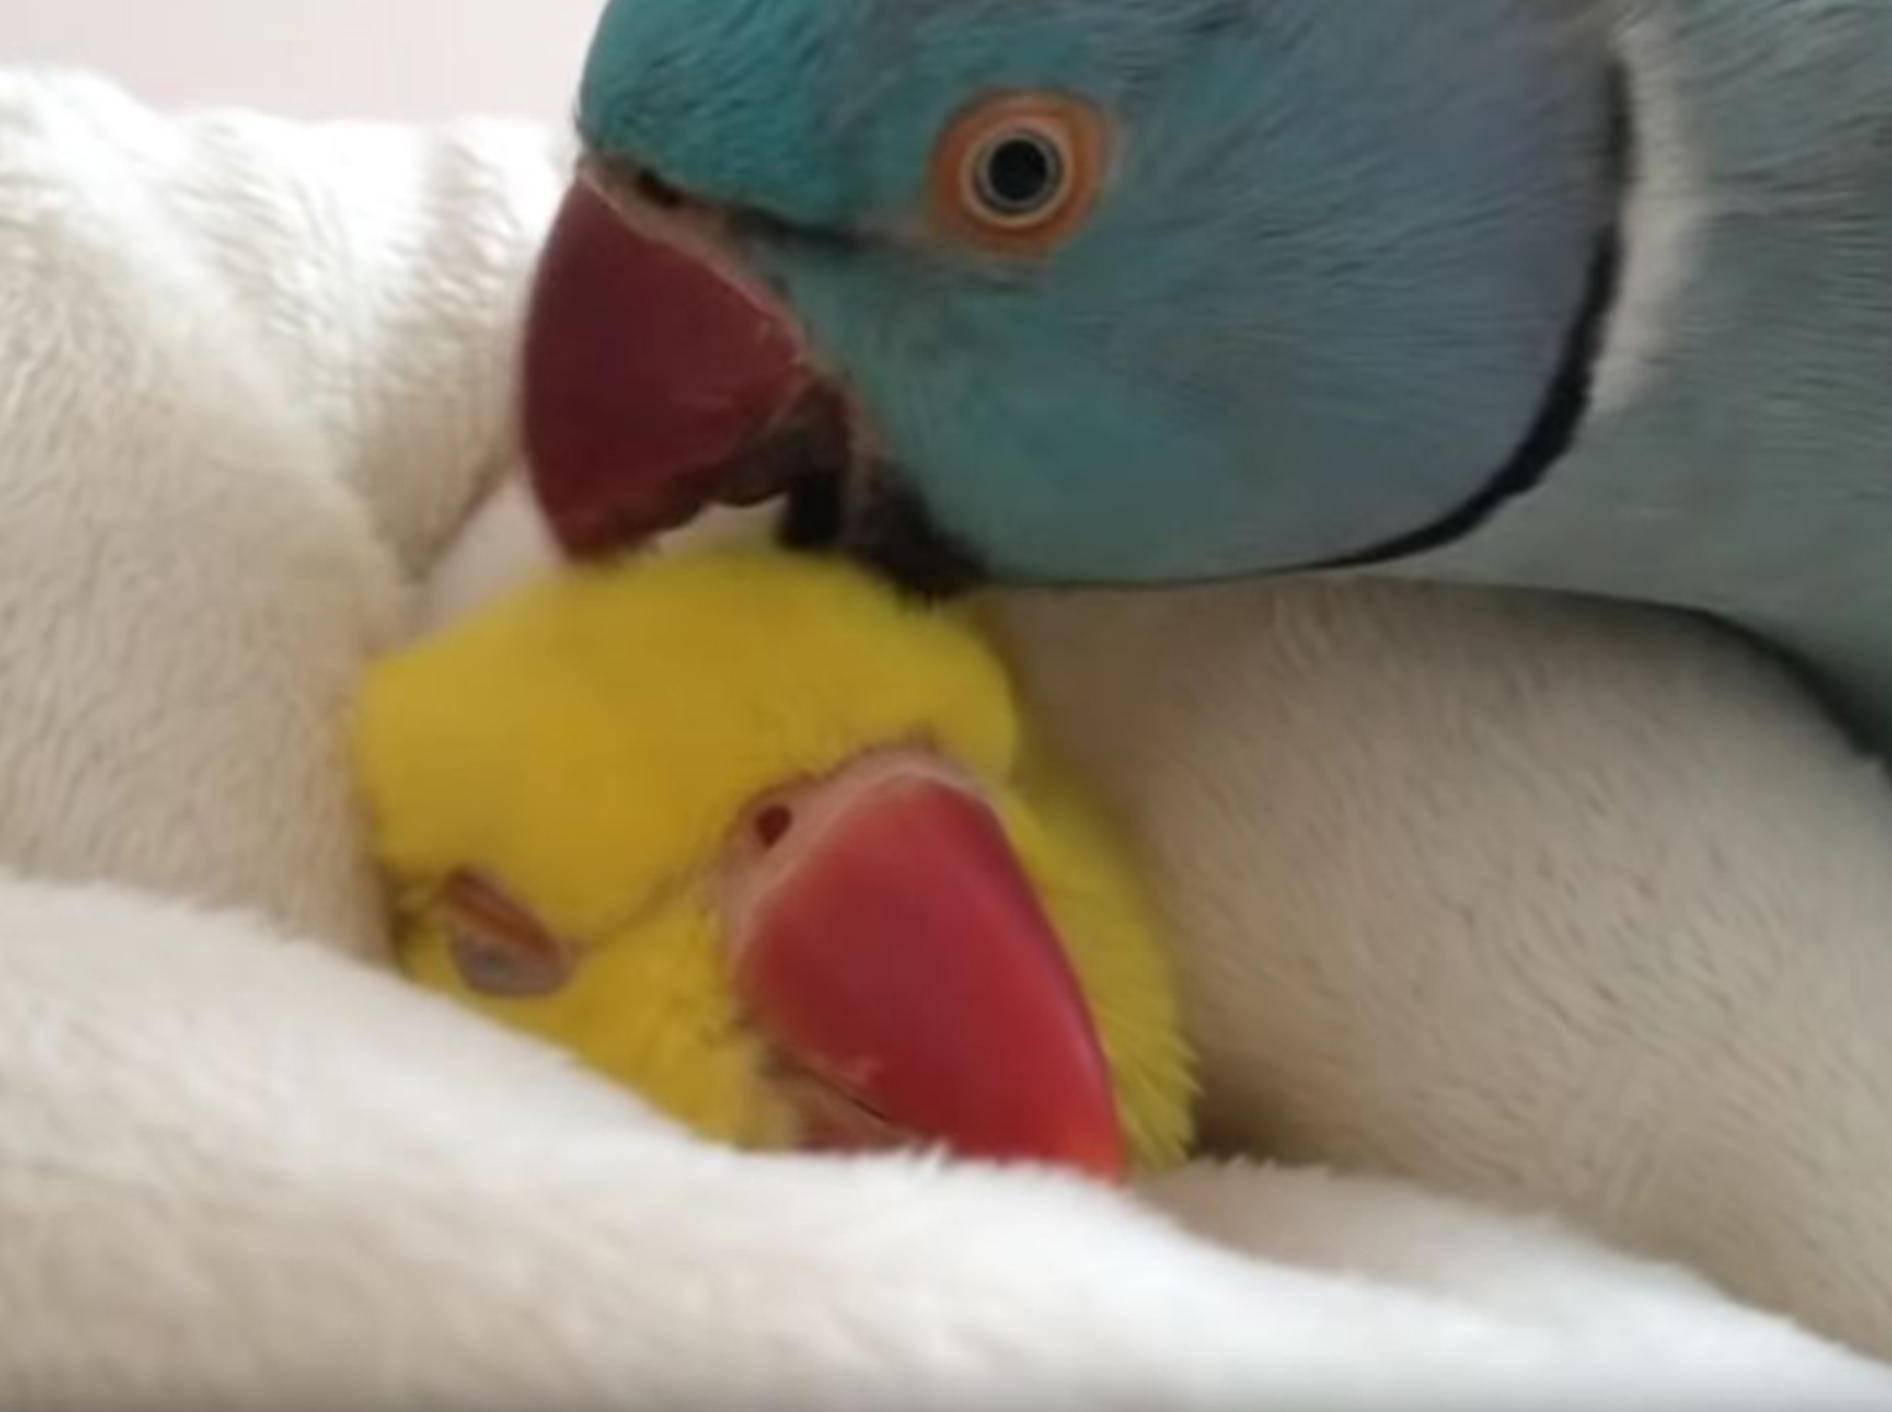 Eingeschnuckelter Papagei will noch etwas weiterdösen – YouTube / Rumble Viral